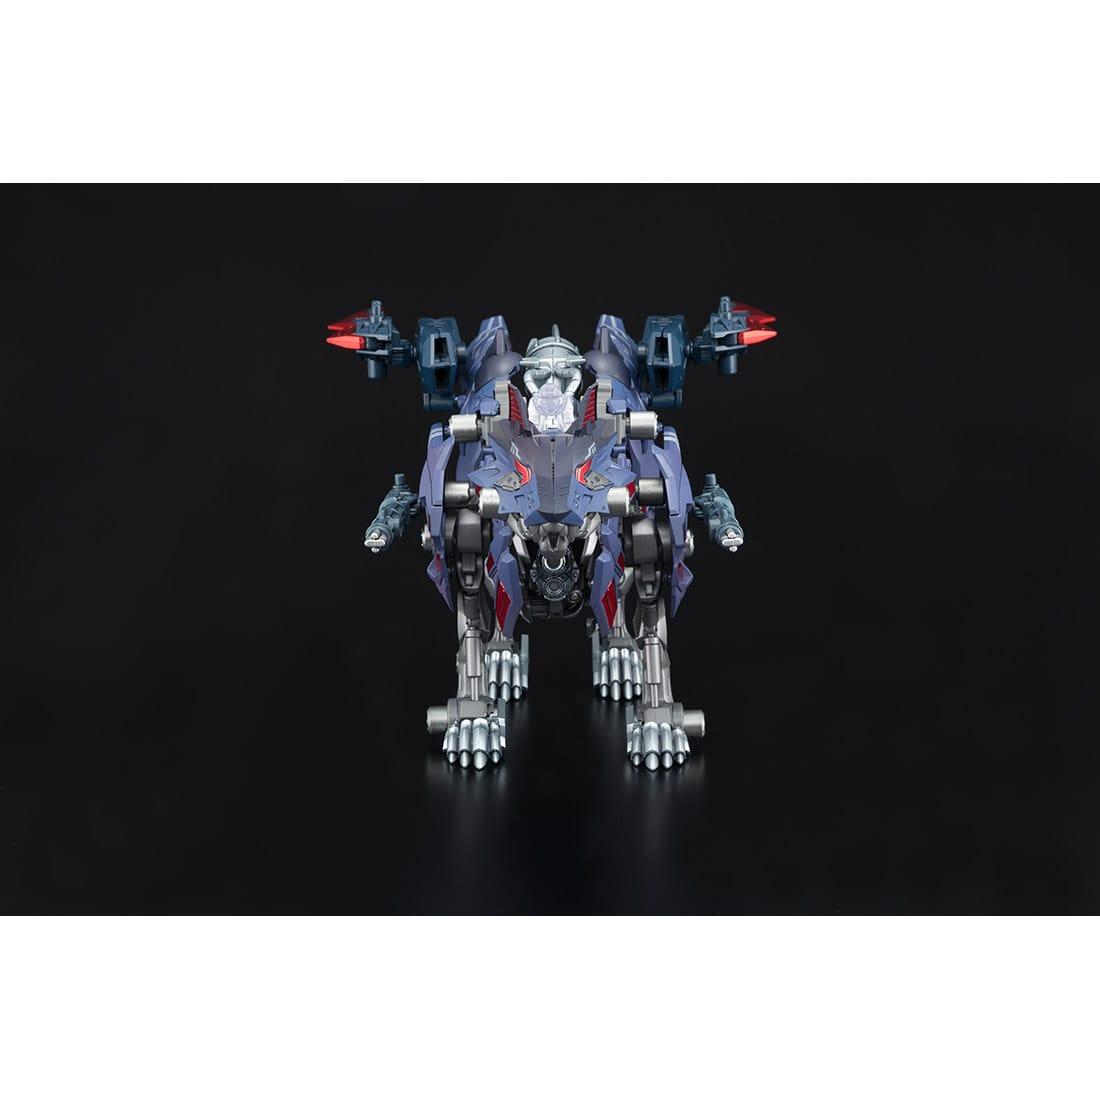 ゾイドワイルド『ビクター・スピーゲル専用ハンターウルフ』組み立て可動フィギュア-008